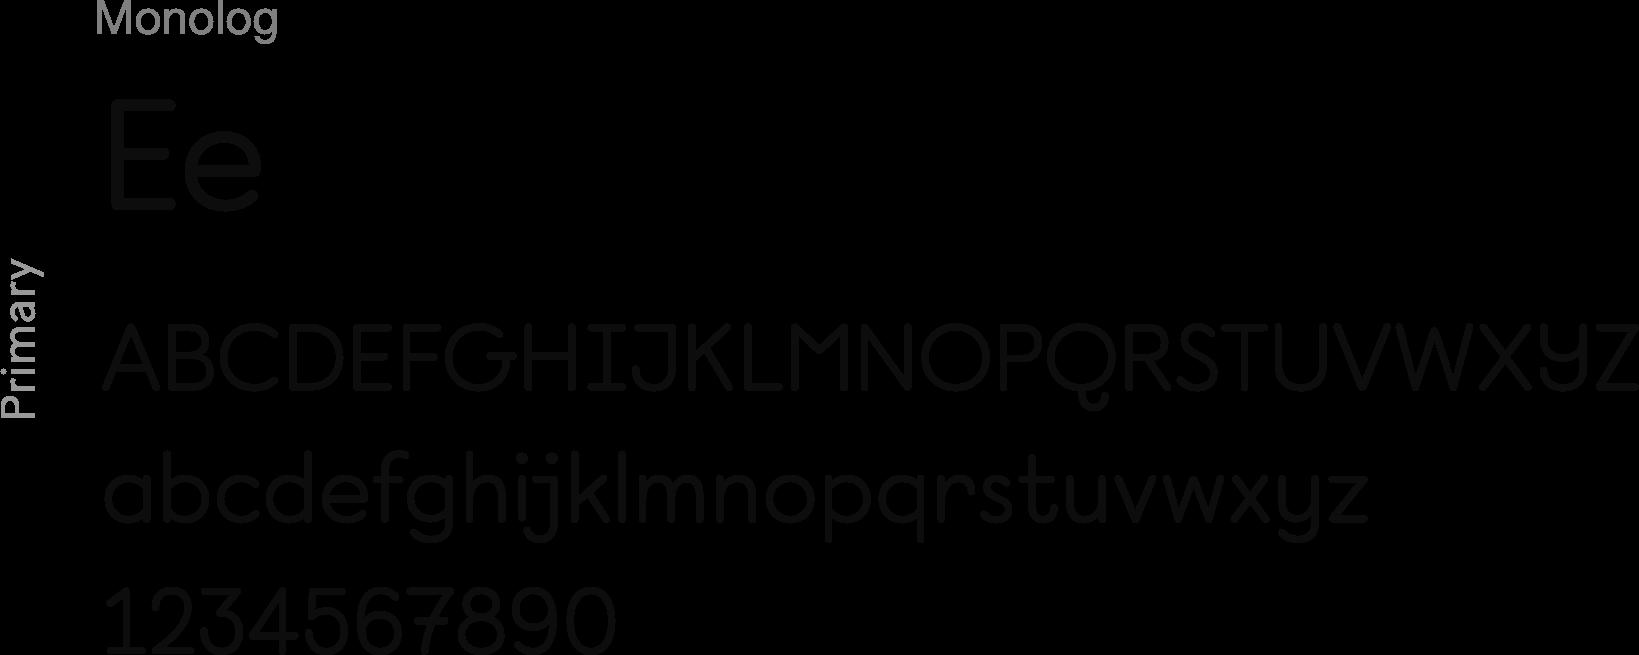 EcoQueens fonts